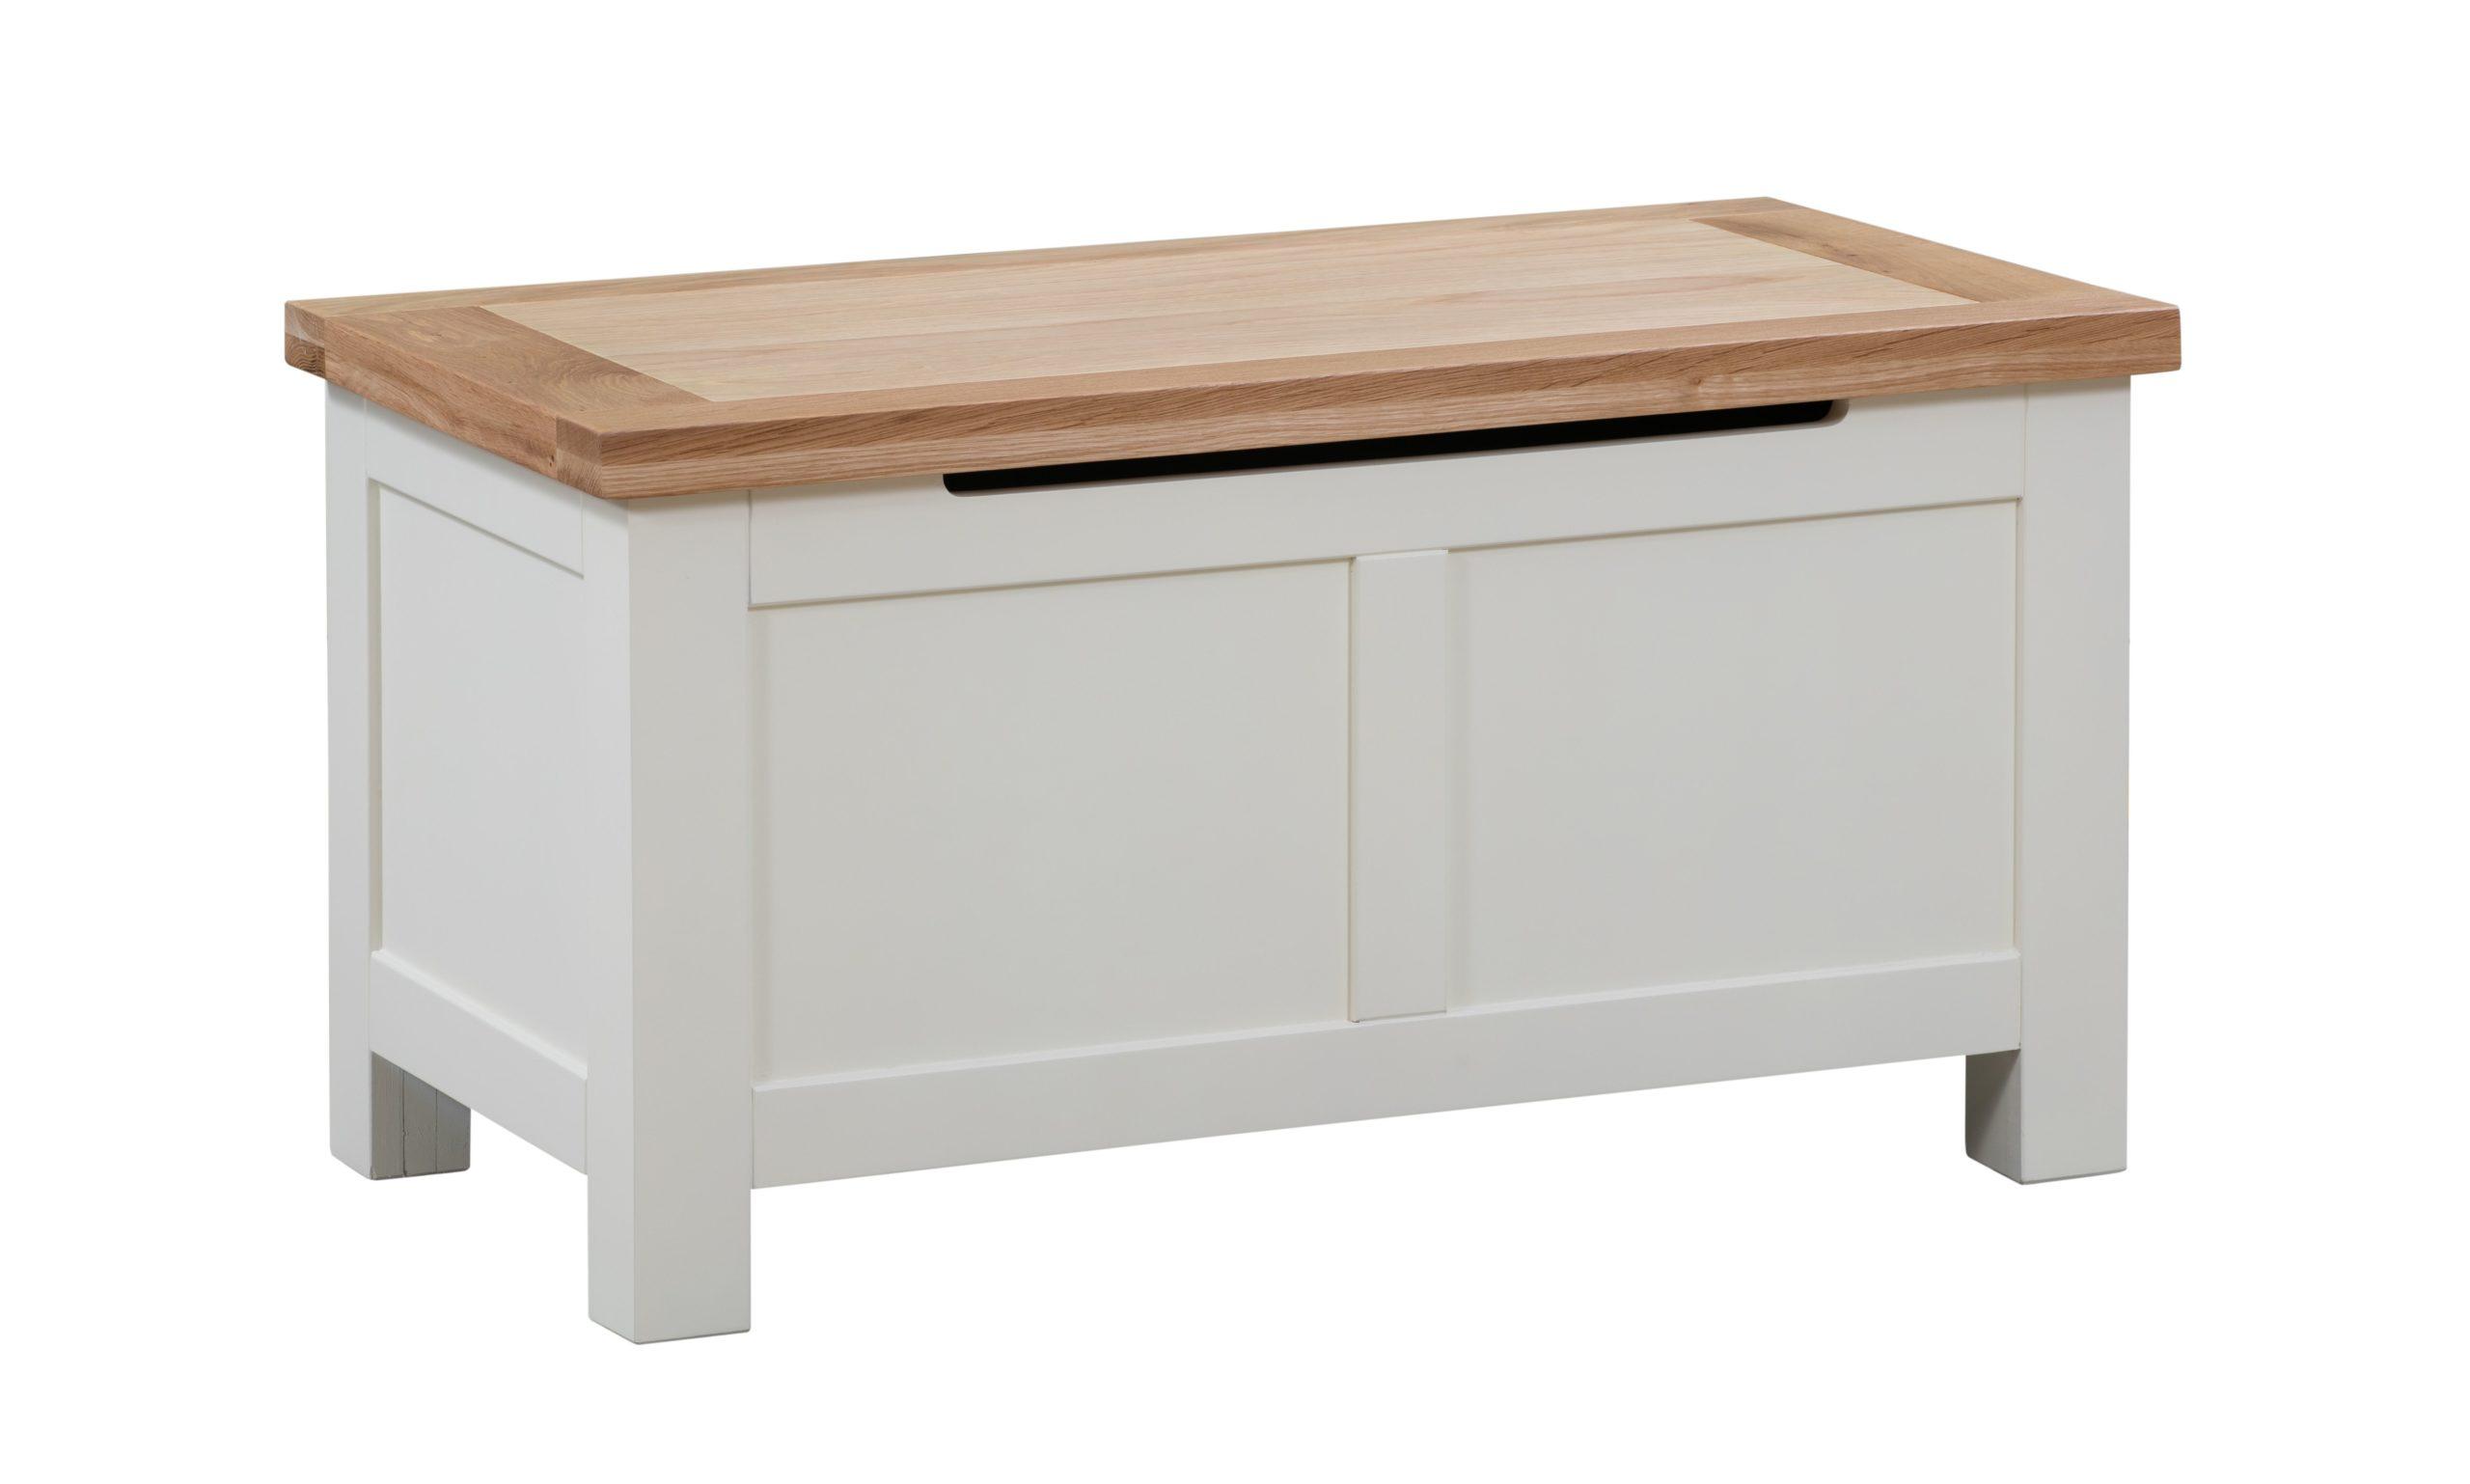 Dorset Oak Furniture Blanket Box